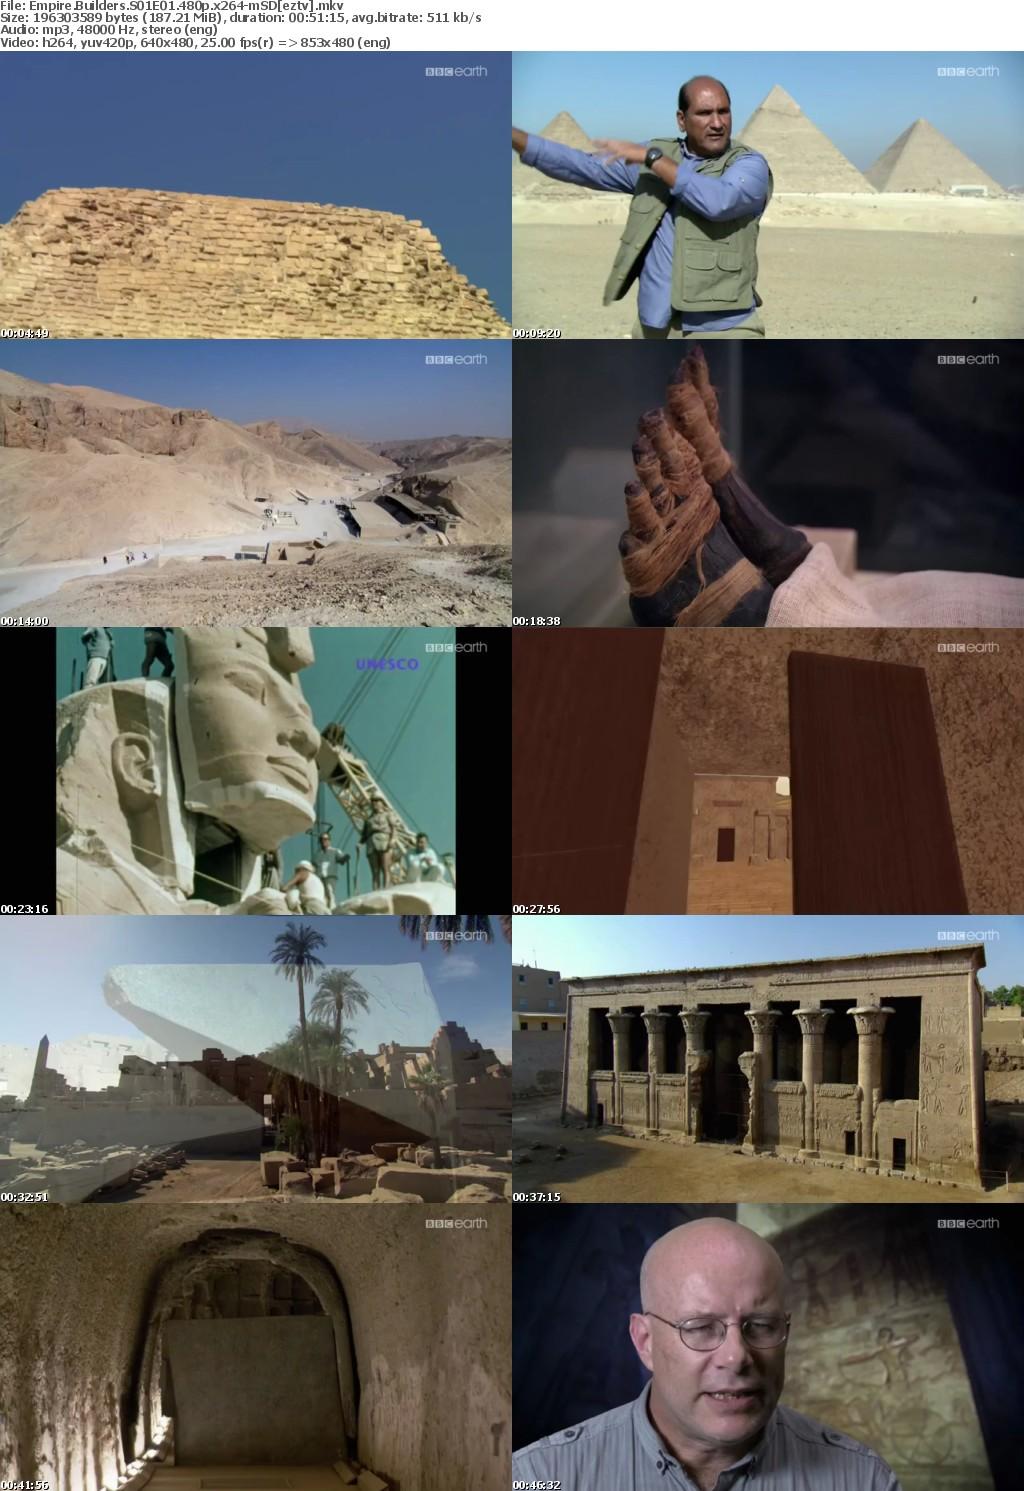 Empire Builders S01E01 480p x264-mSD